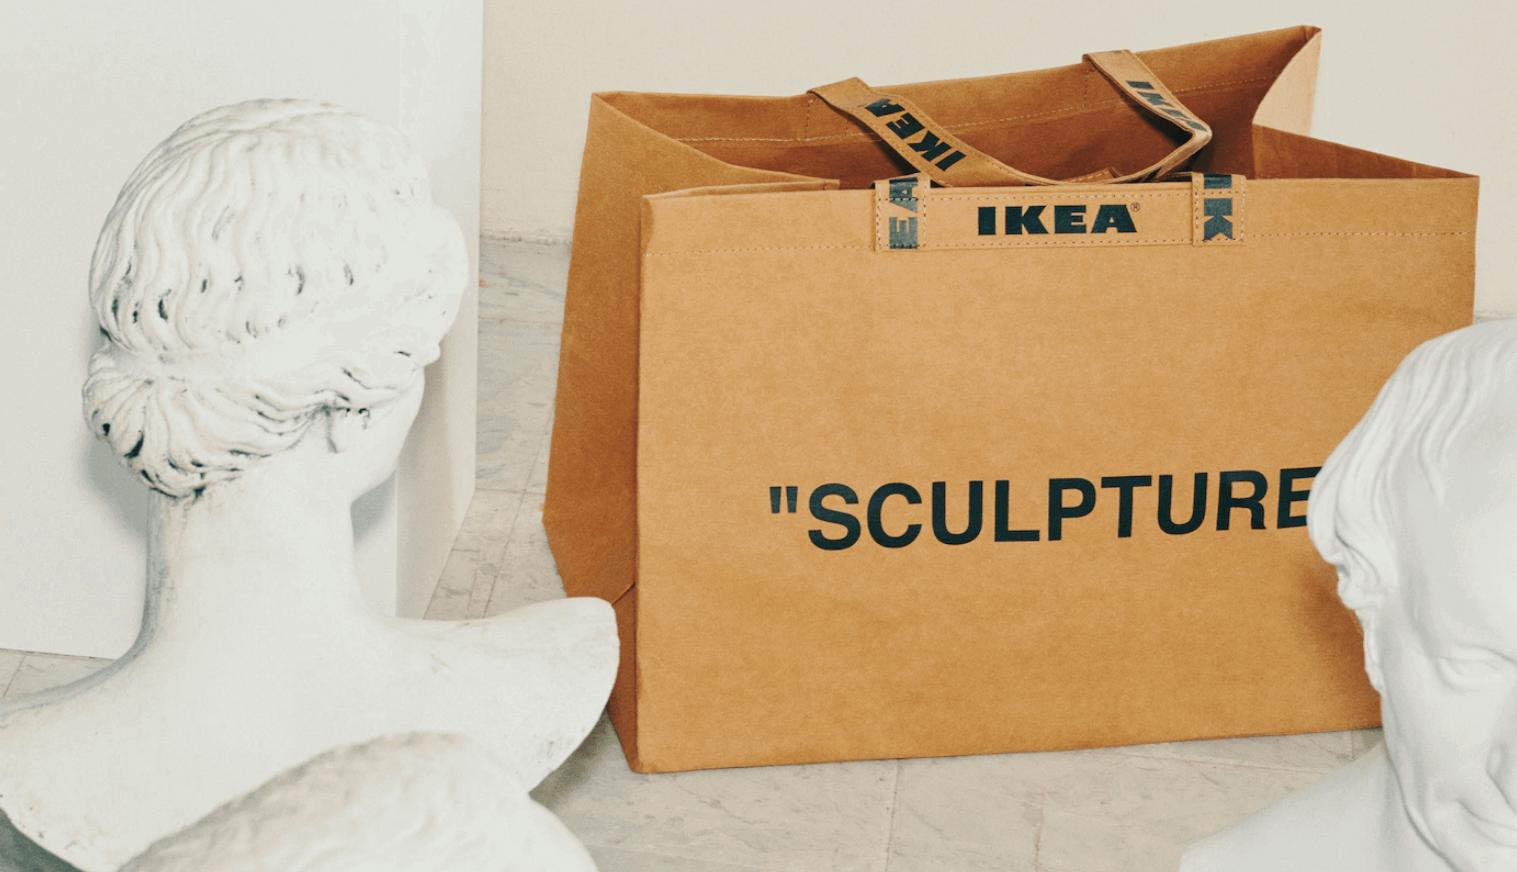 Ikea tas en beelden